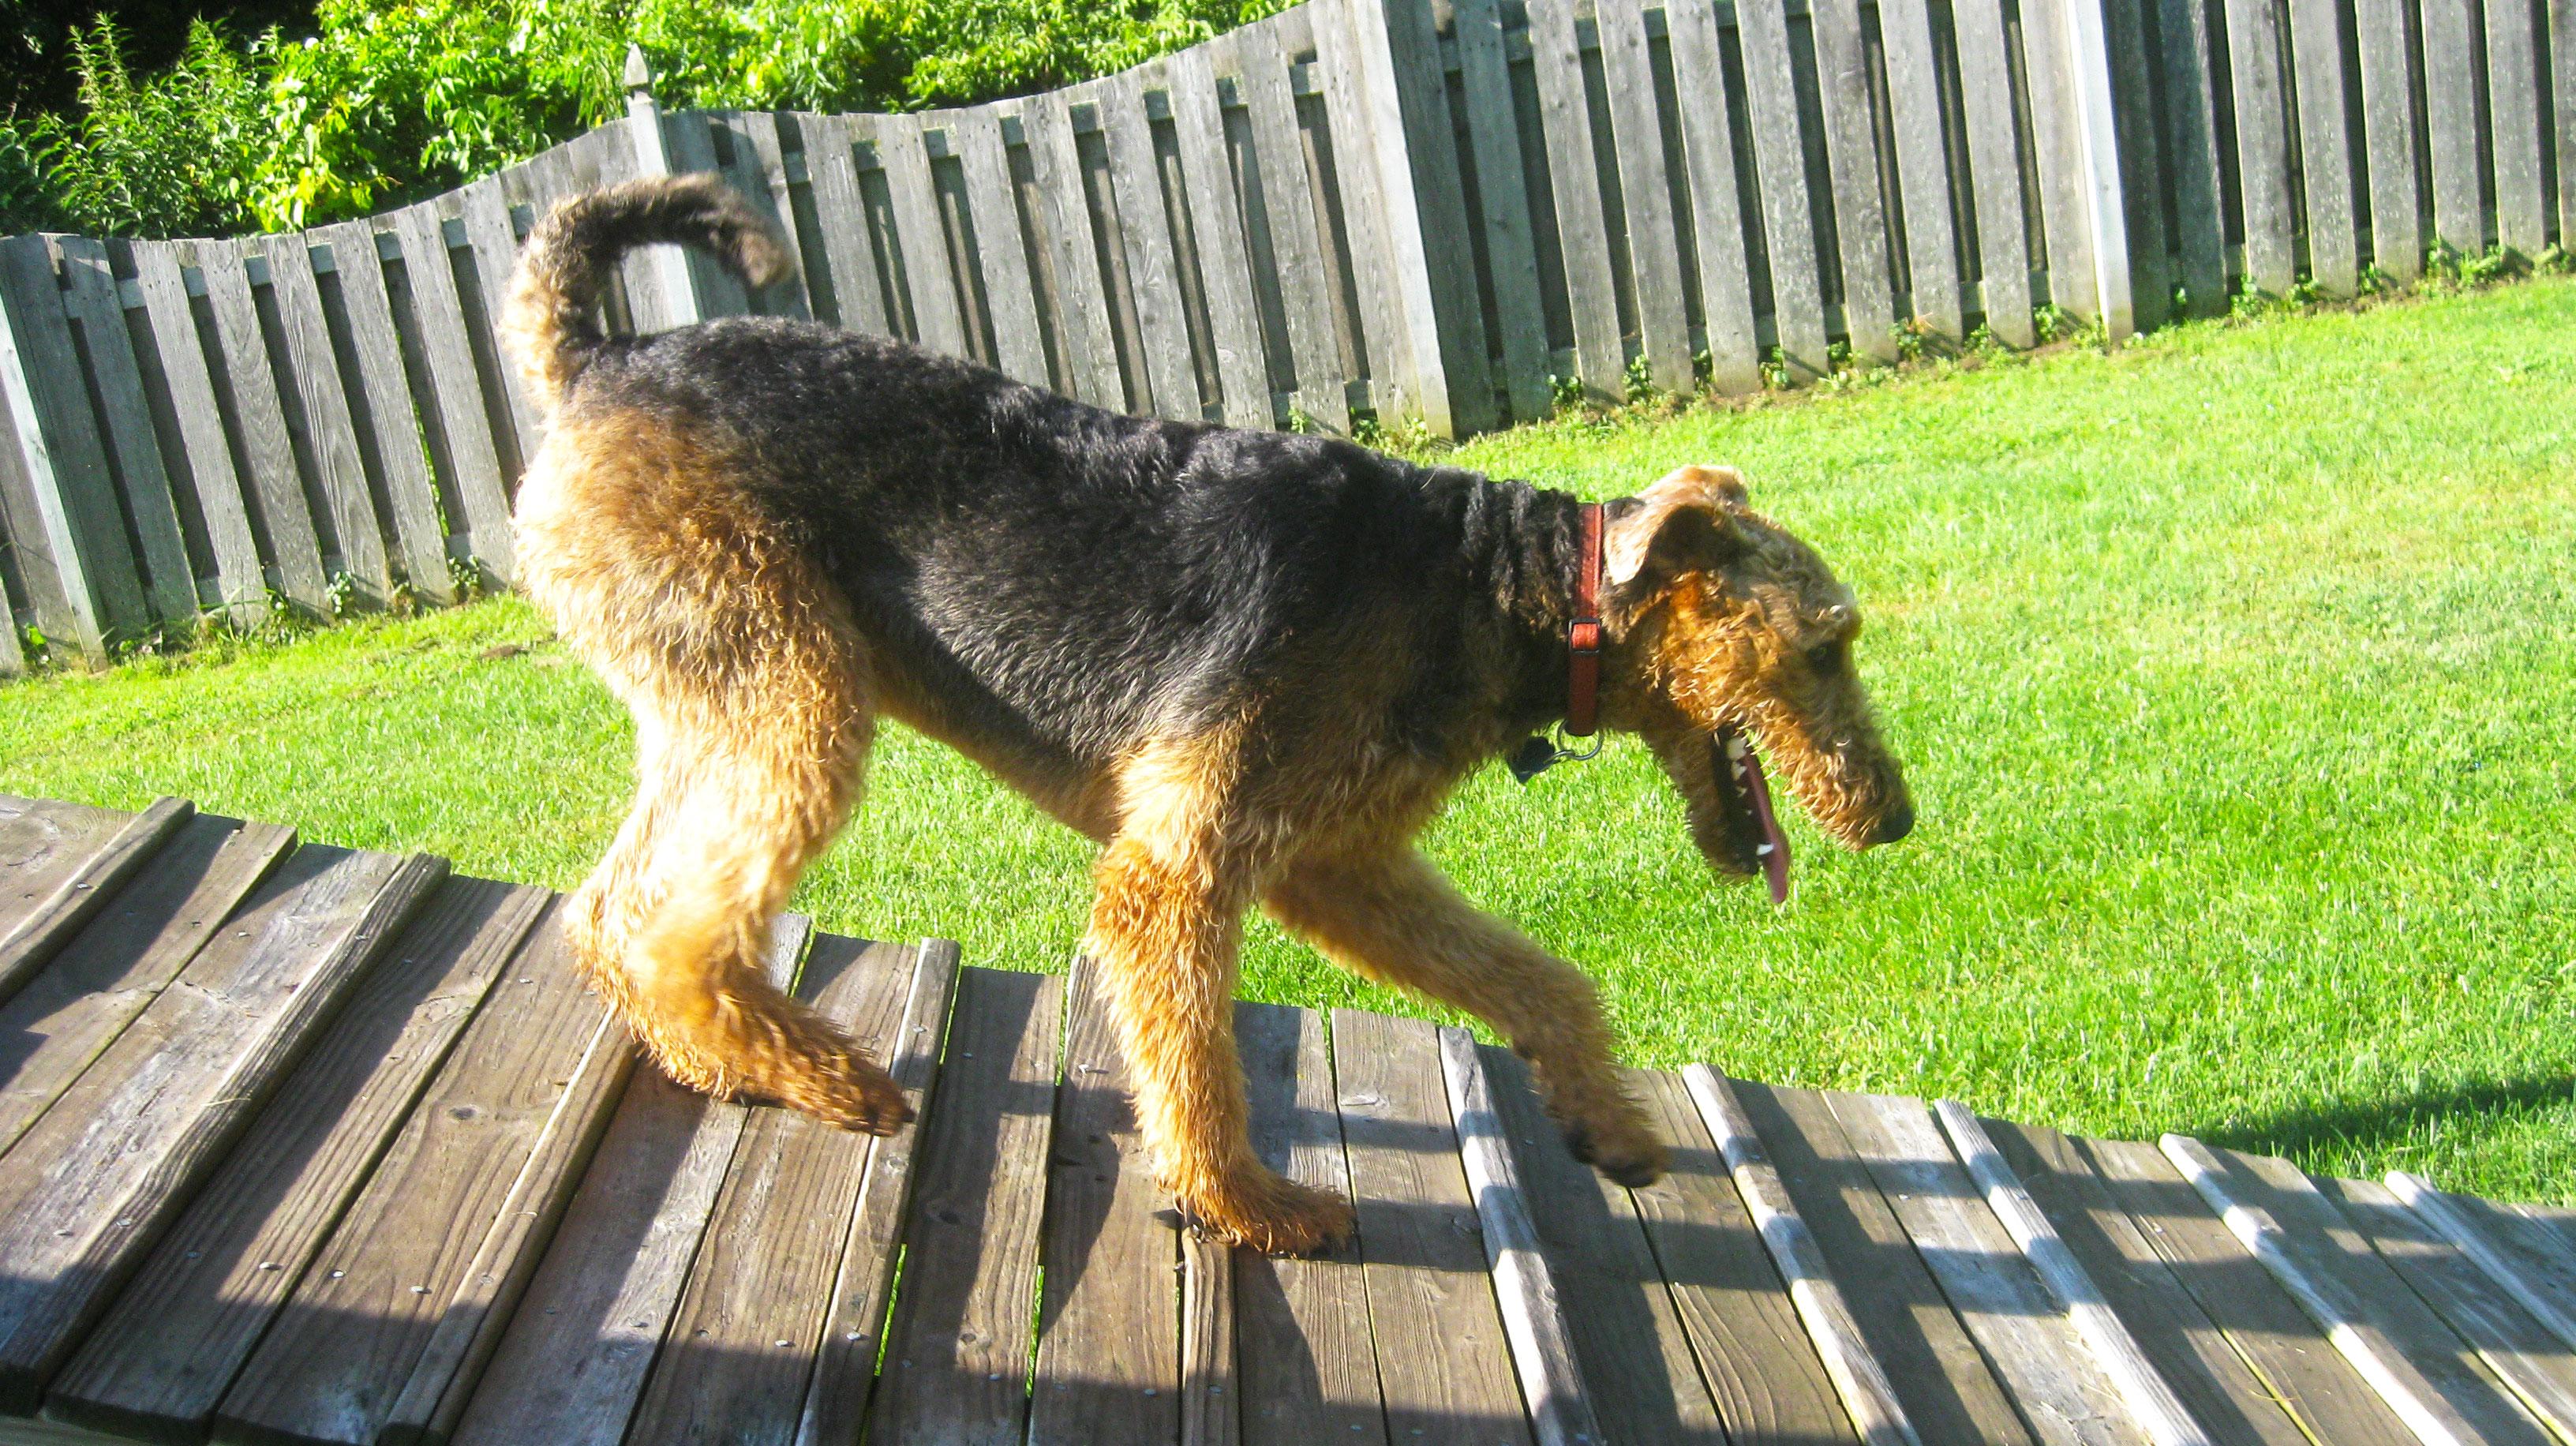 Dog walking down ramp